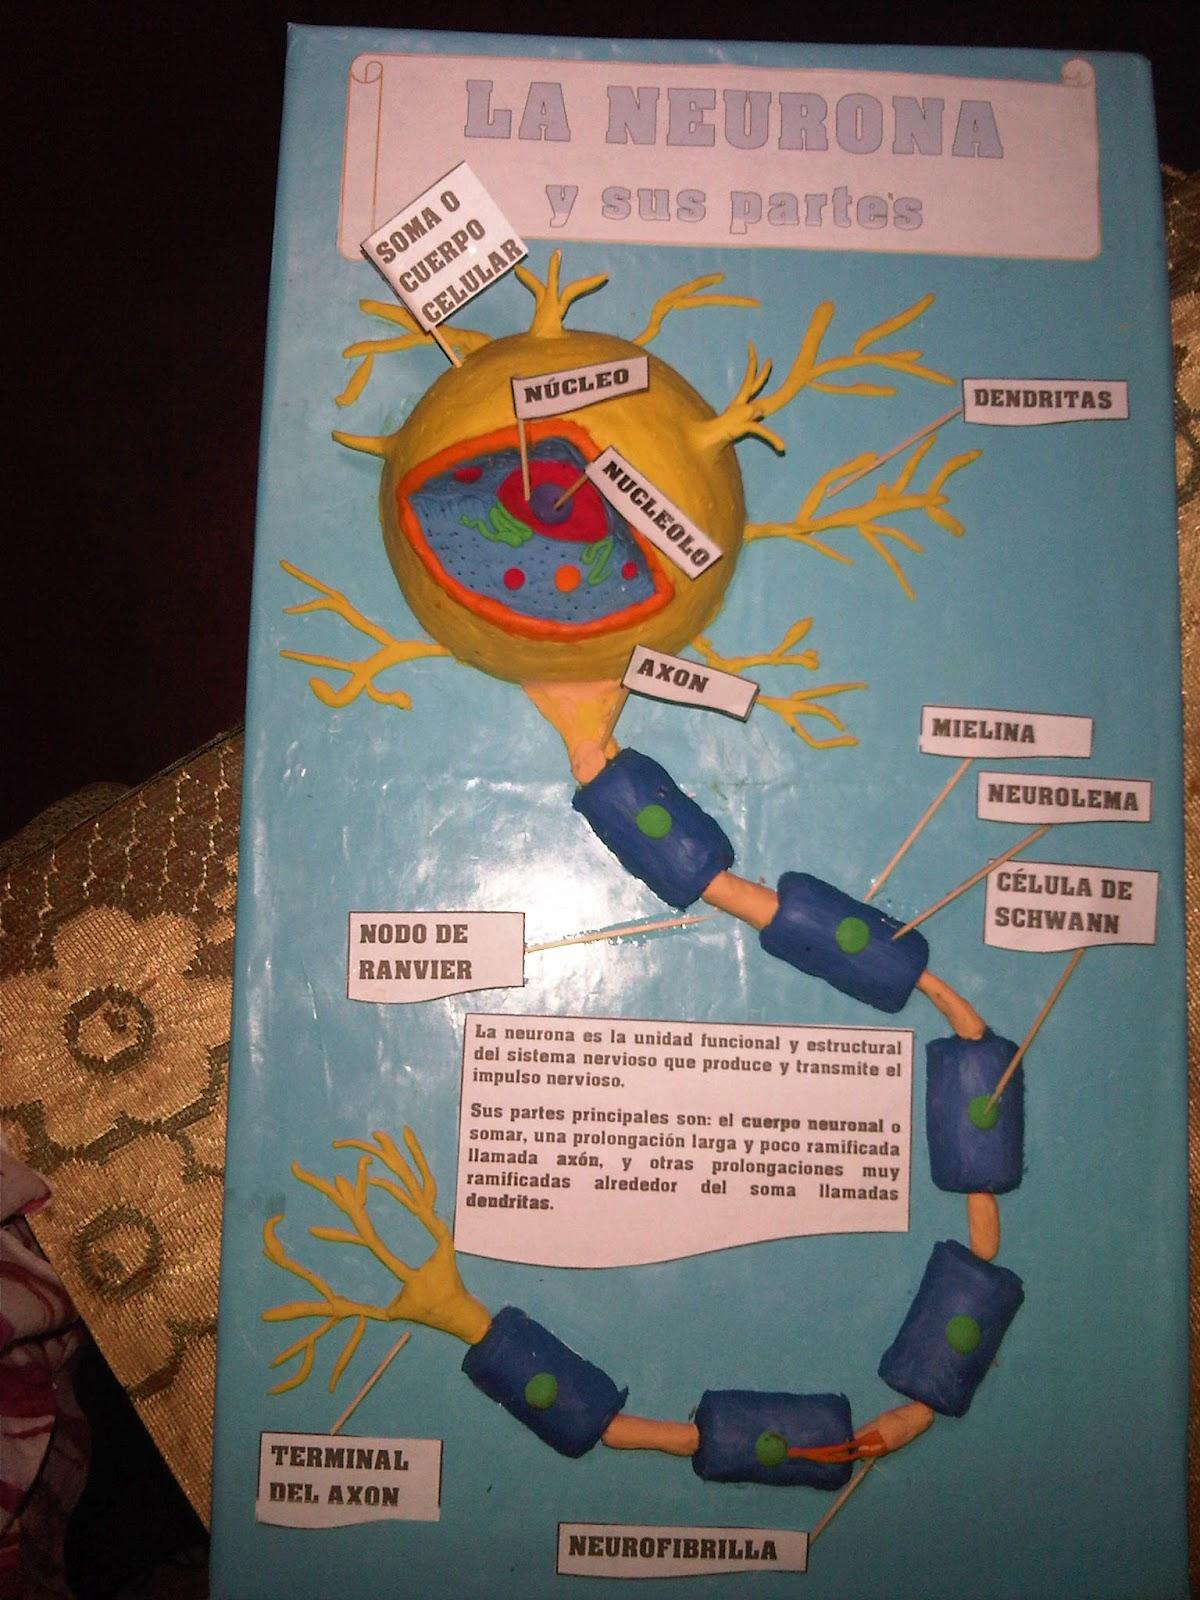 Aqui Un Acercamiento De Las Partes De La Neurona